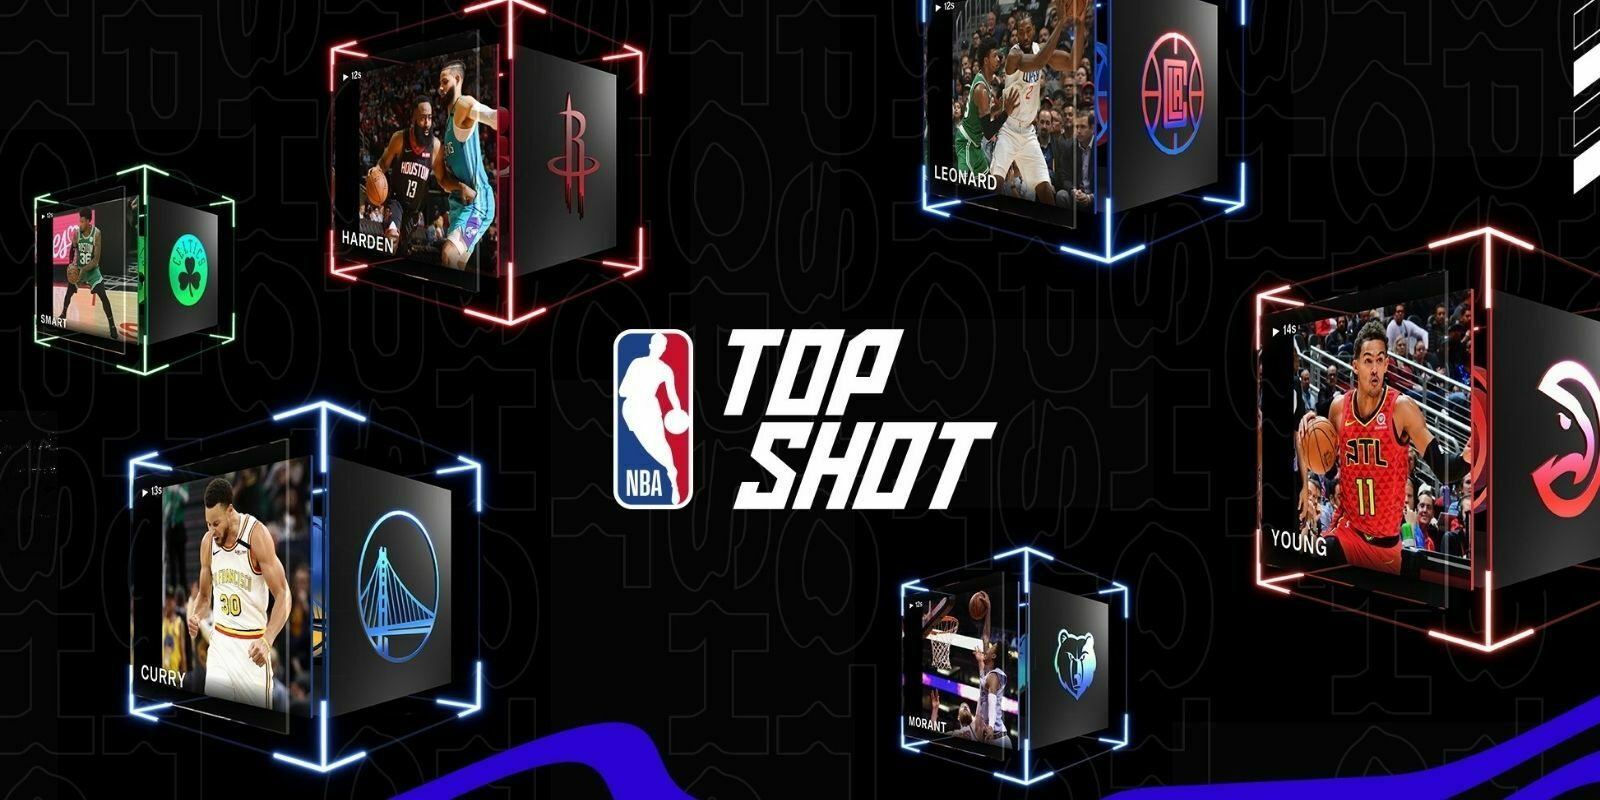 Les cartes à collectionner NBA Top Shot de Dapper Labs (FLOW) se hissent au sommet du marché des NFTs